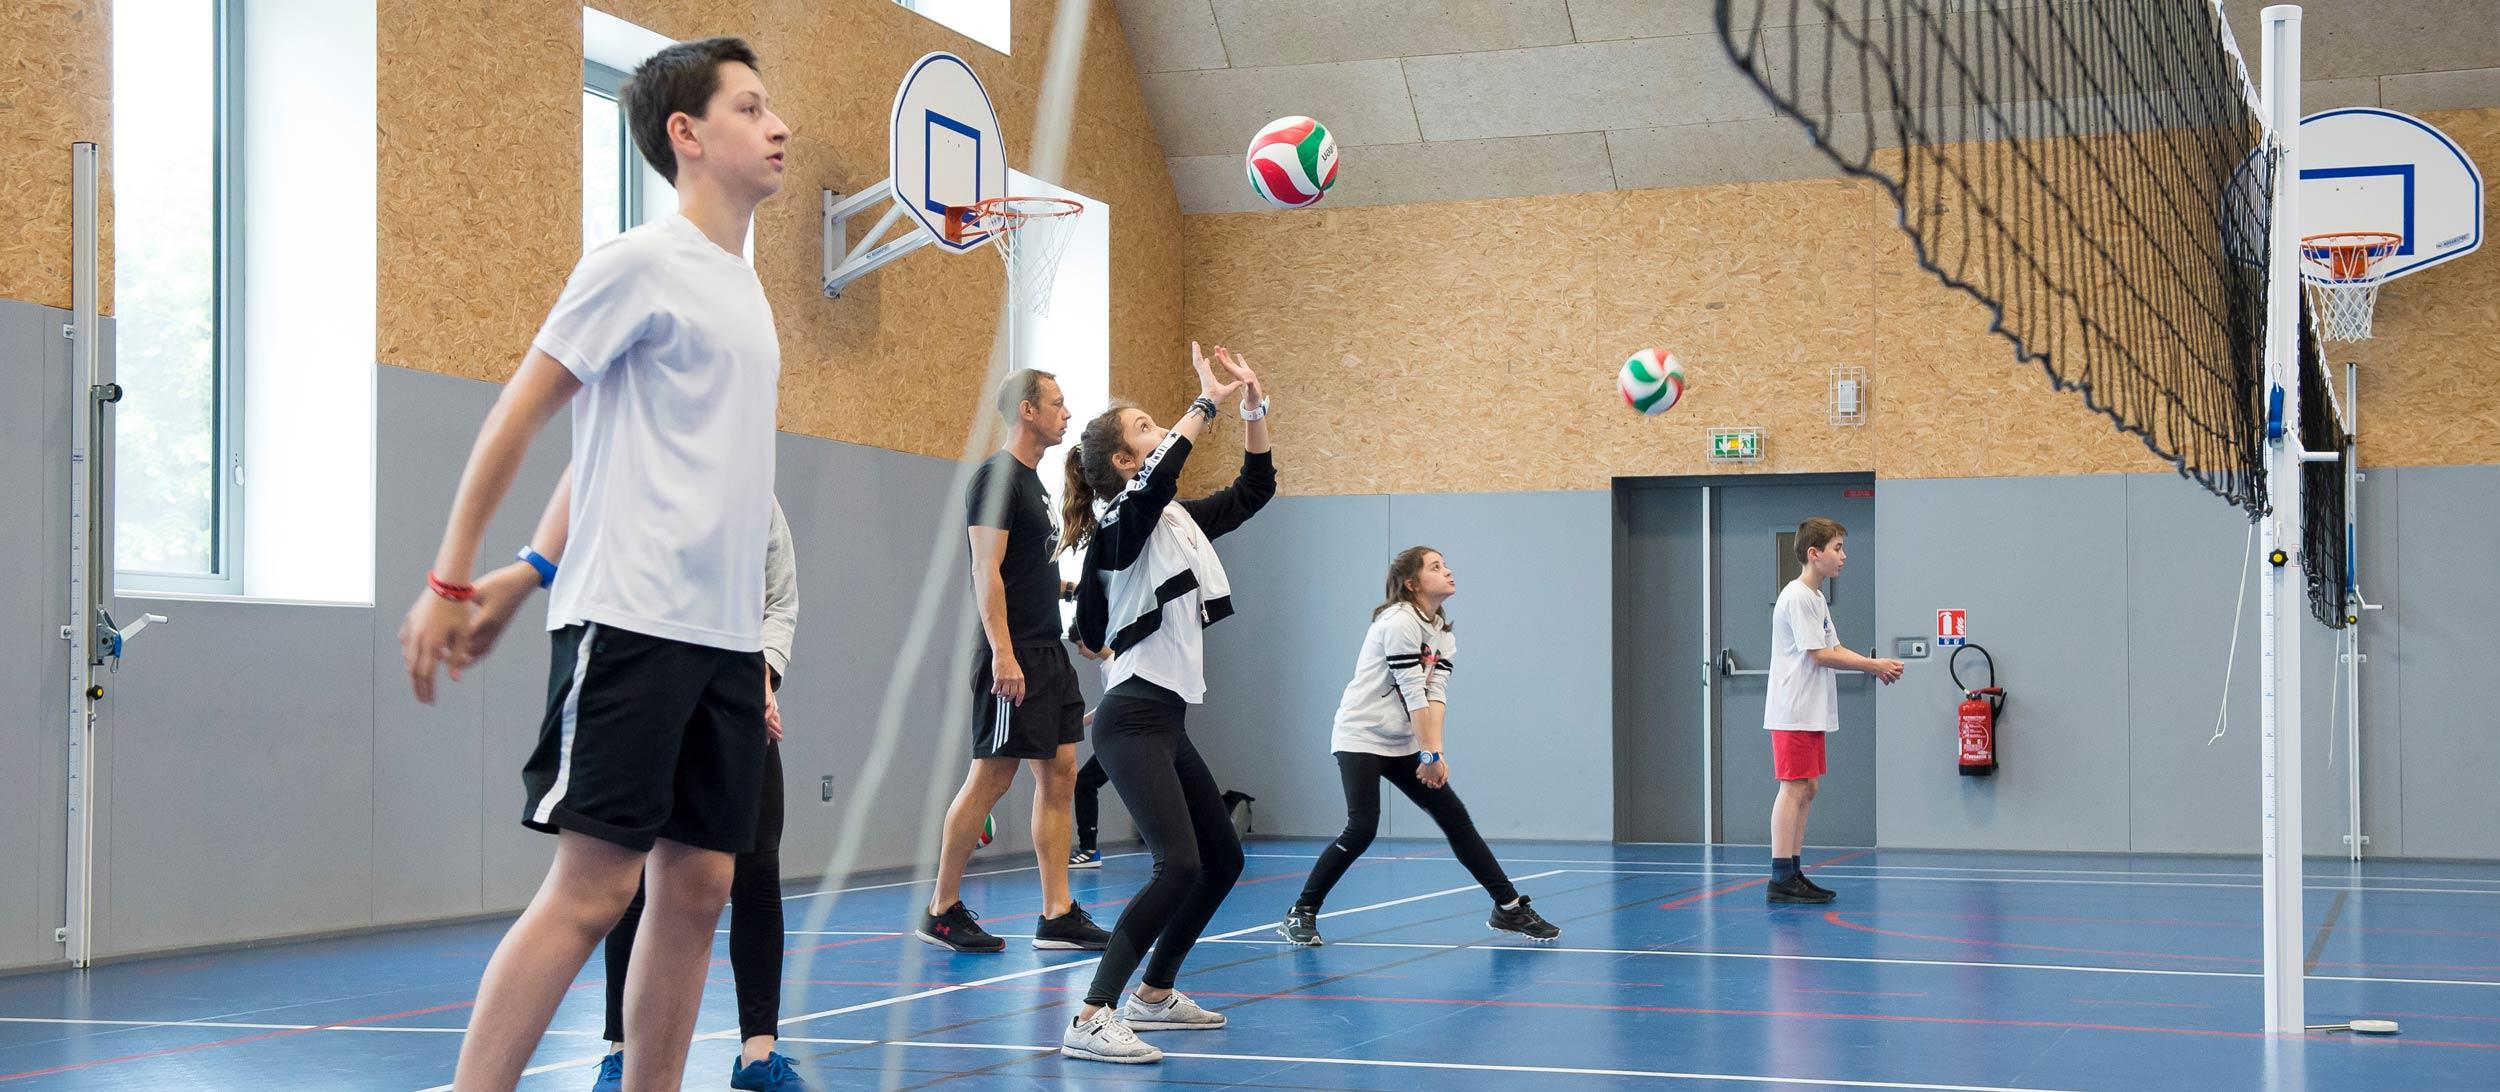 Le volley-ball en EPS au collège et au lycée: 10 propositions pour l'enseigner